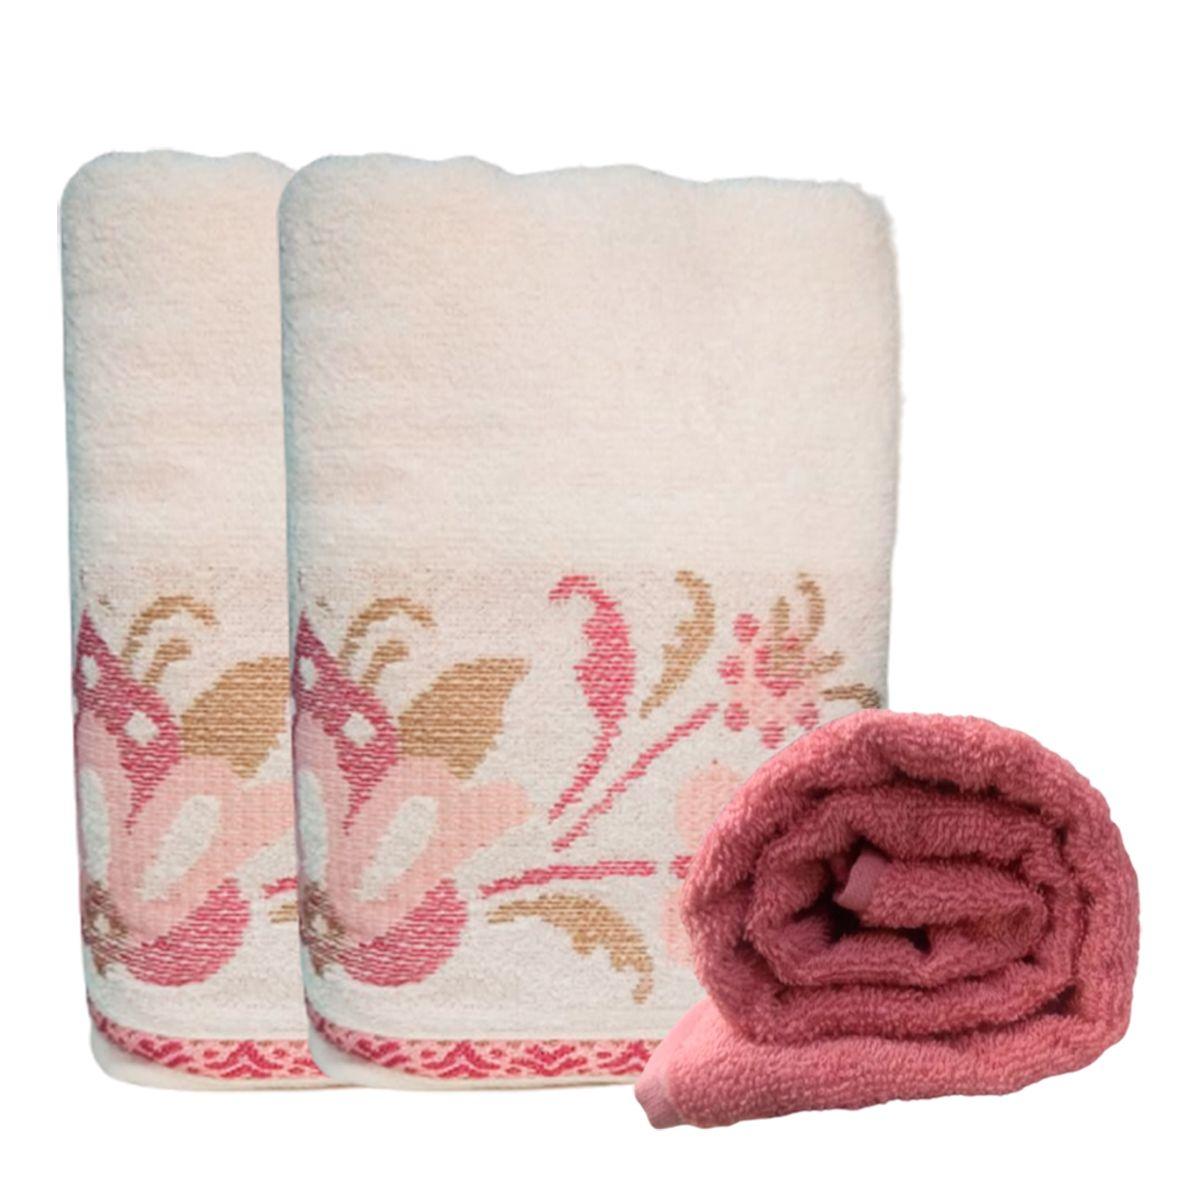 Jogo De Toalha De banho 4 pçs Lotus Rosa Blush+Branco